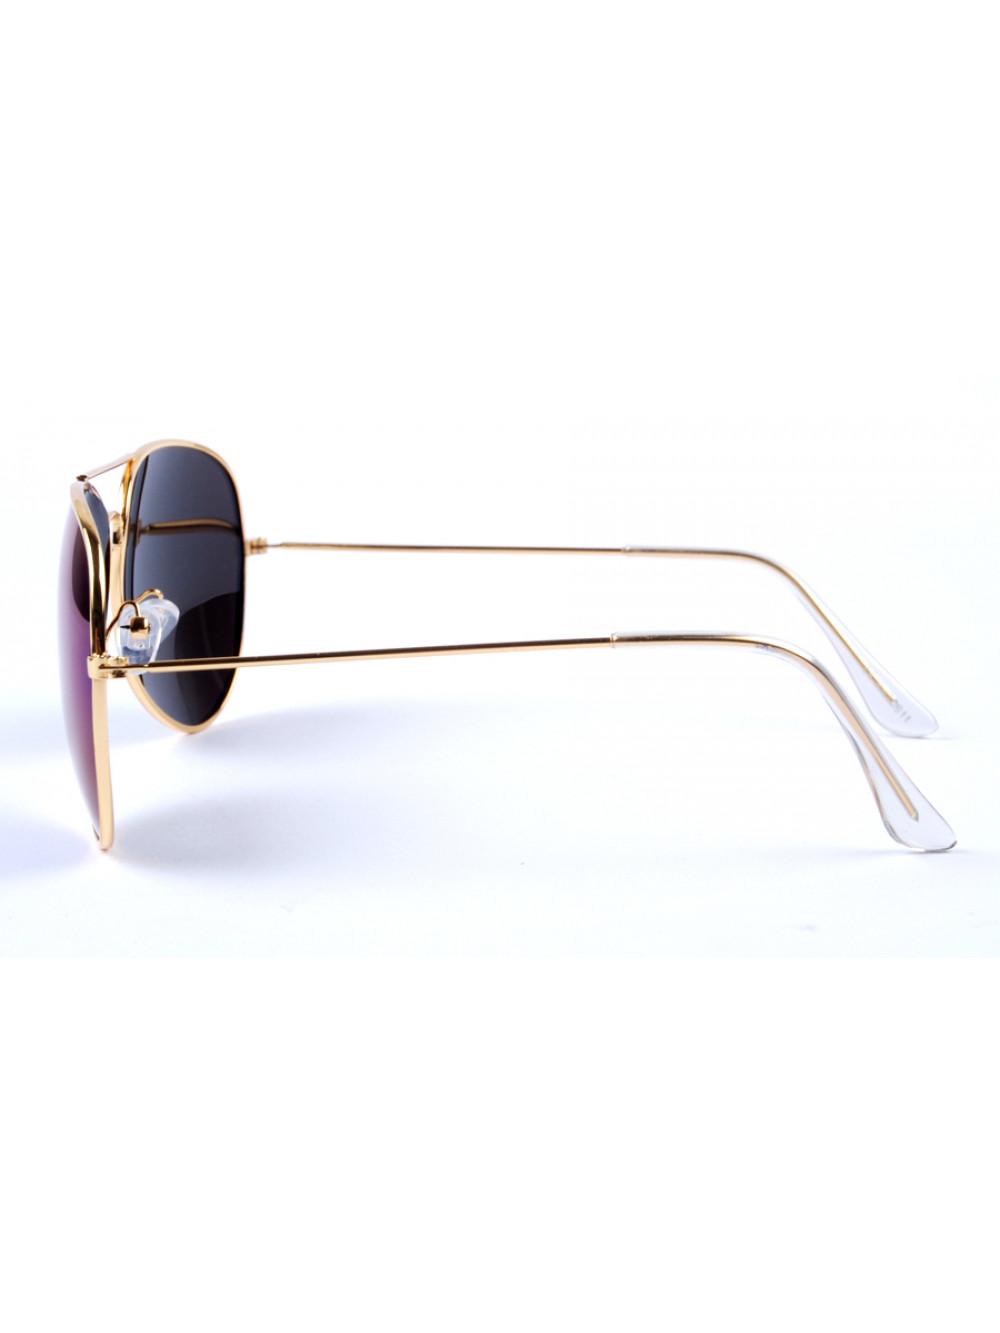 802b4681f Slnečné okuliare Aviator Pilot Marine polarizačné